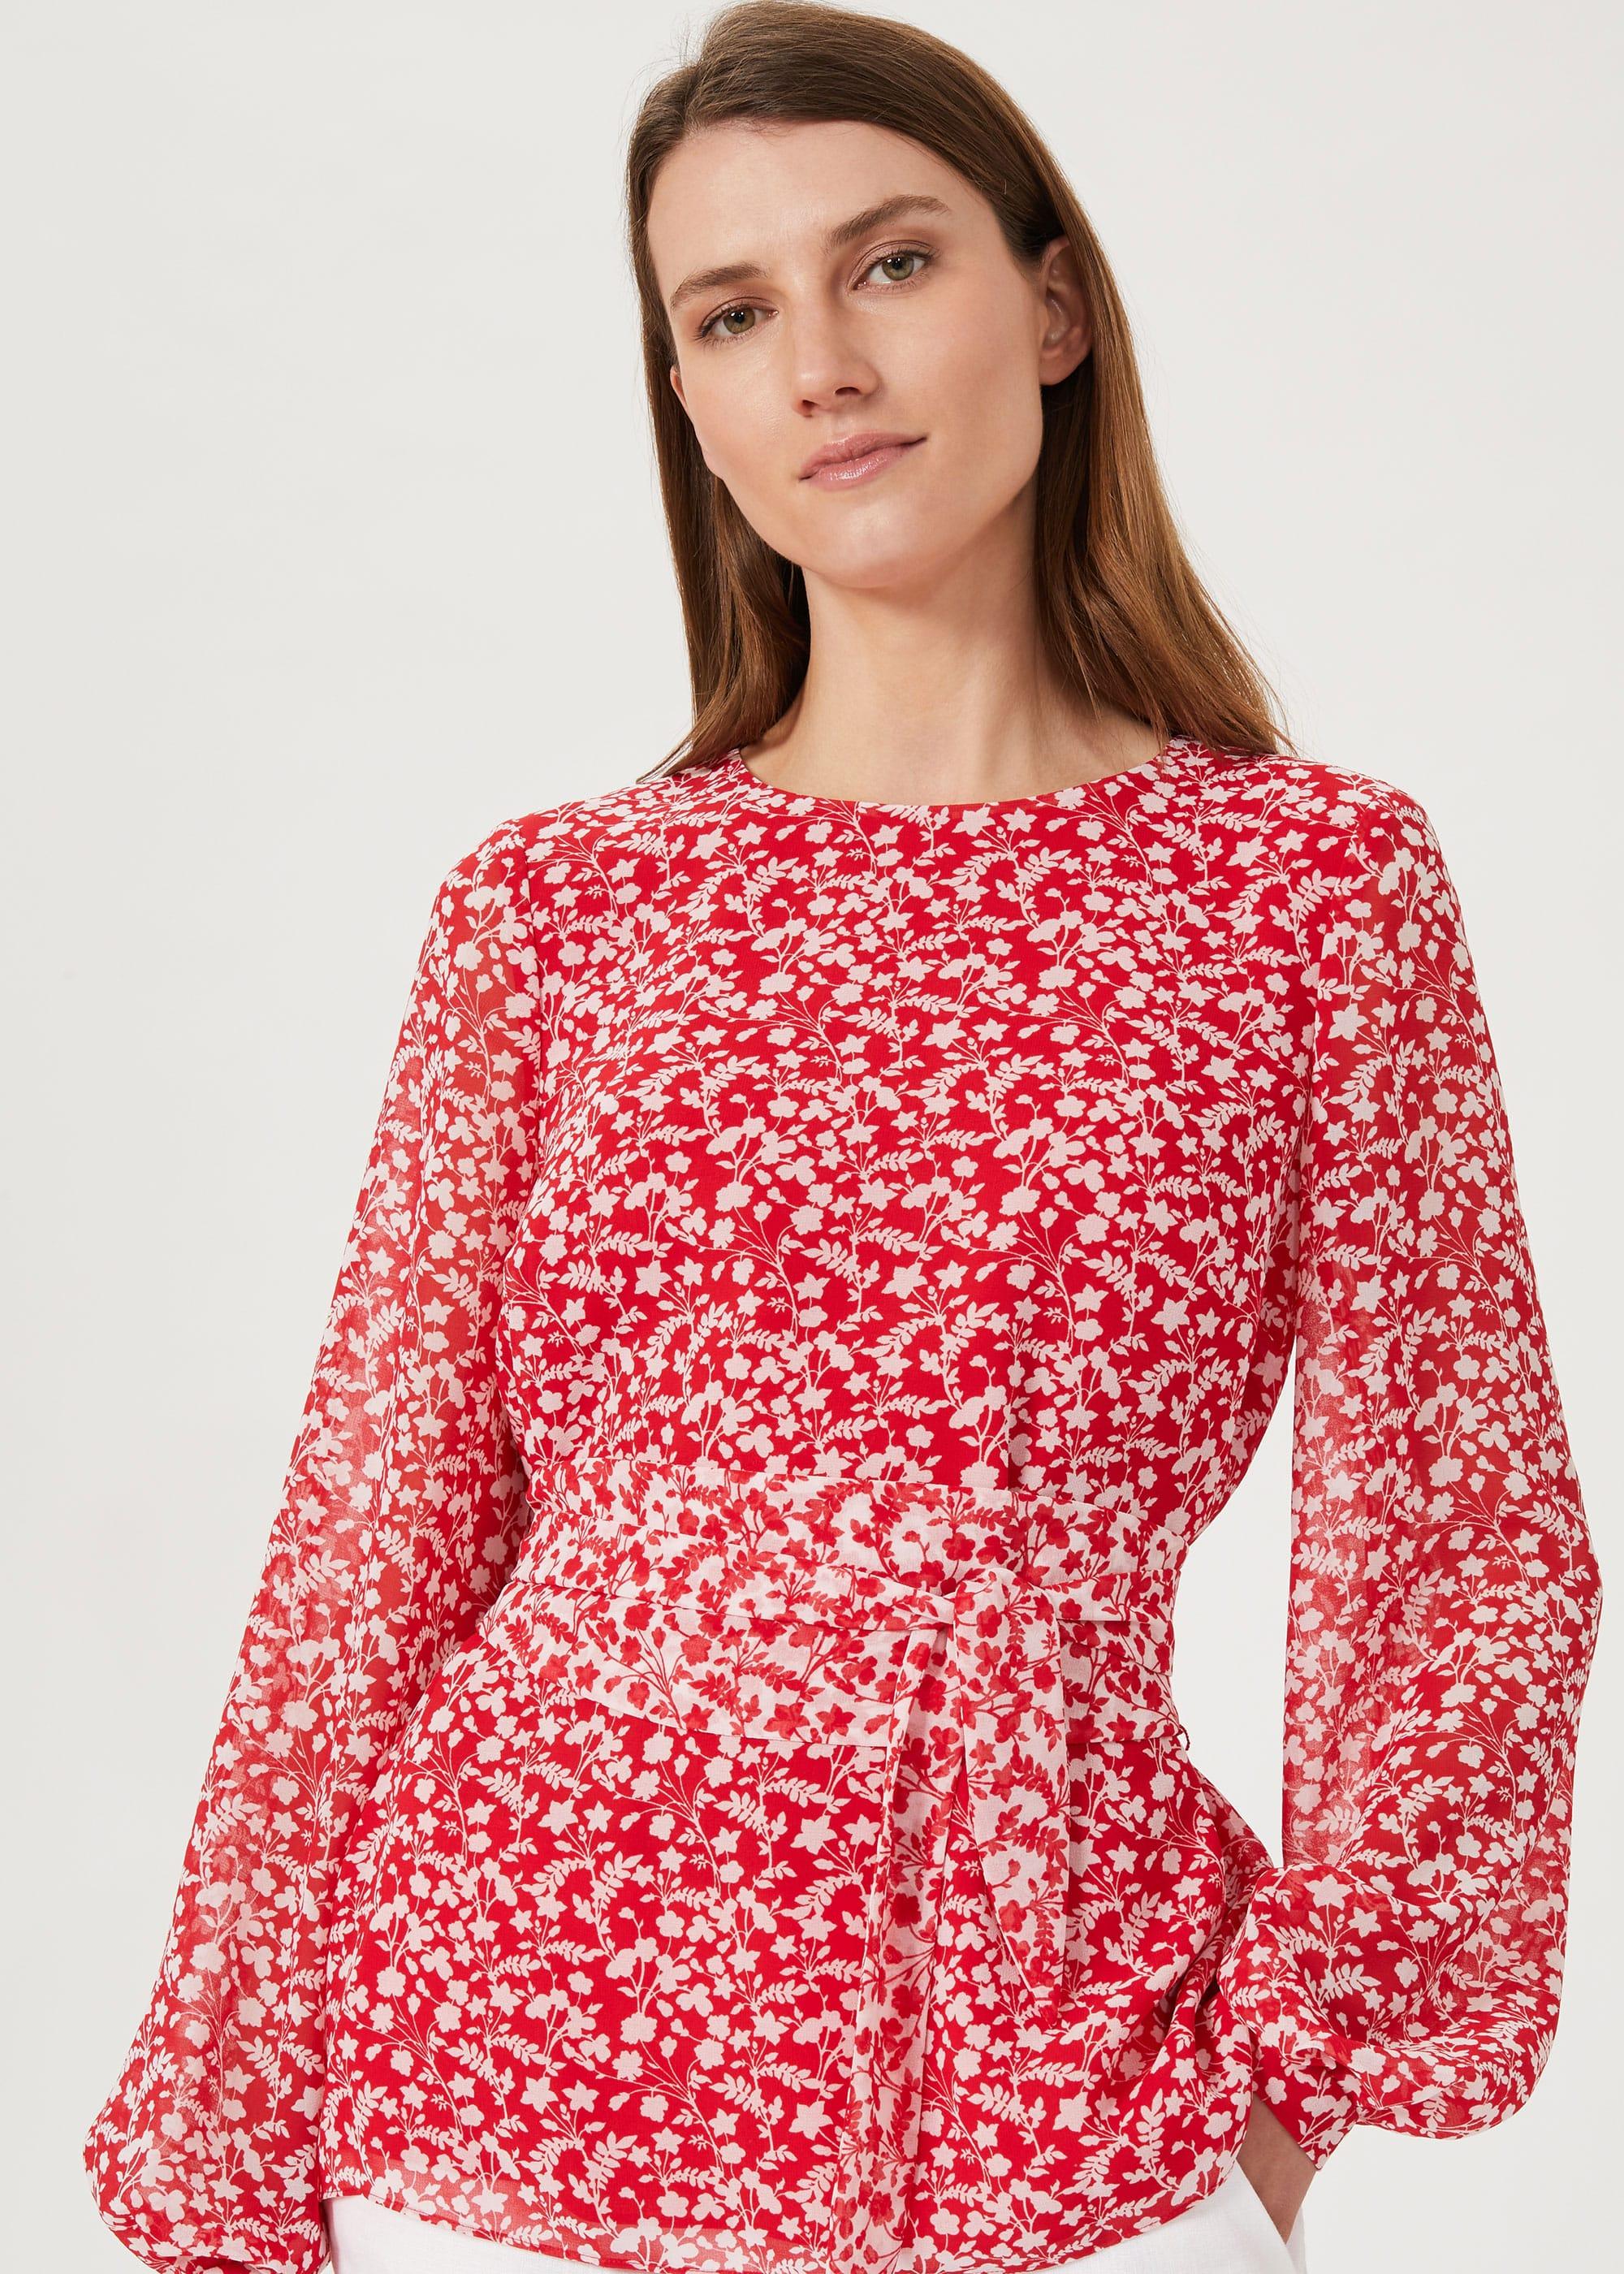 Hobbs Women Rosie Floral Top